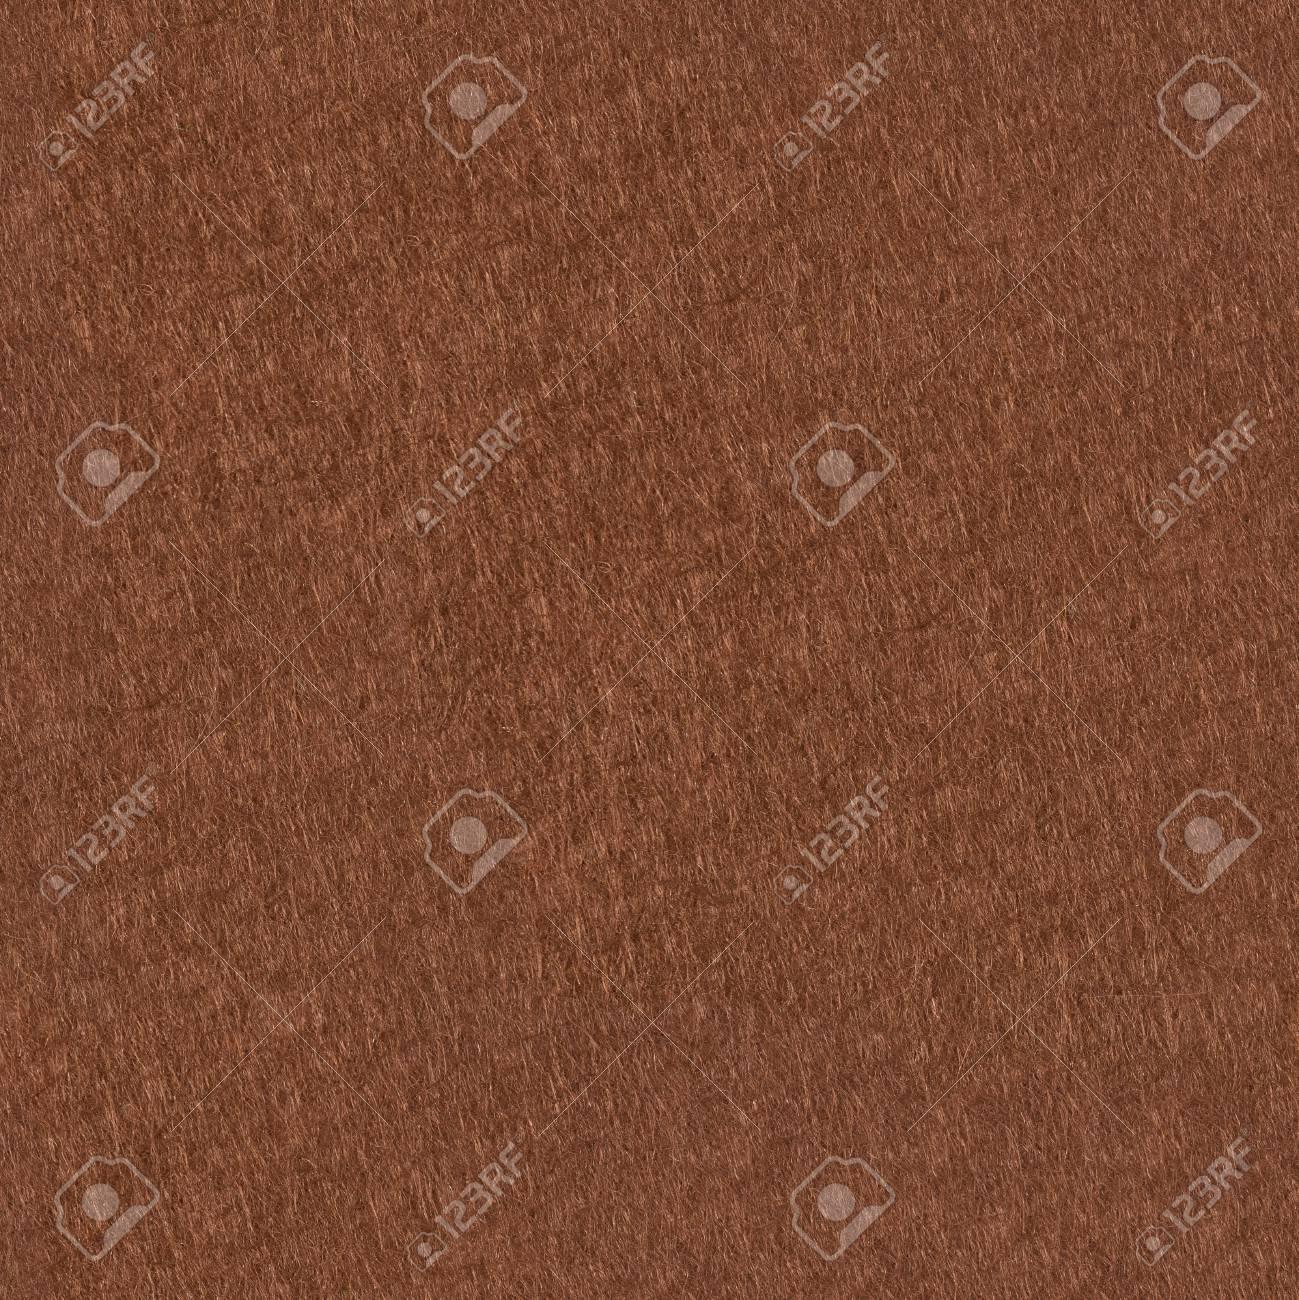 Carrelage Beige Et Marron texture de feutre marron. arrière-plan carré sans soudure, carrelage prêt.  photo haute résolution